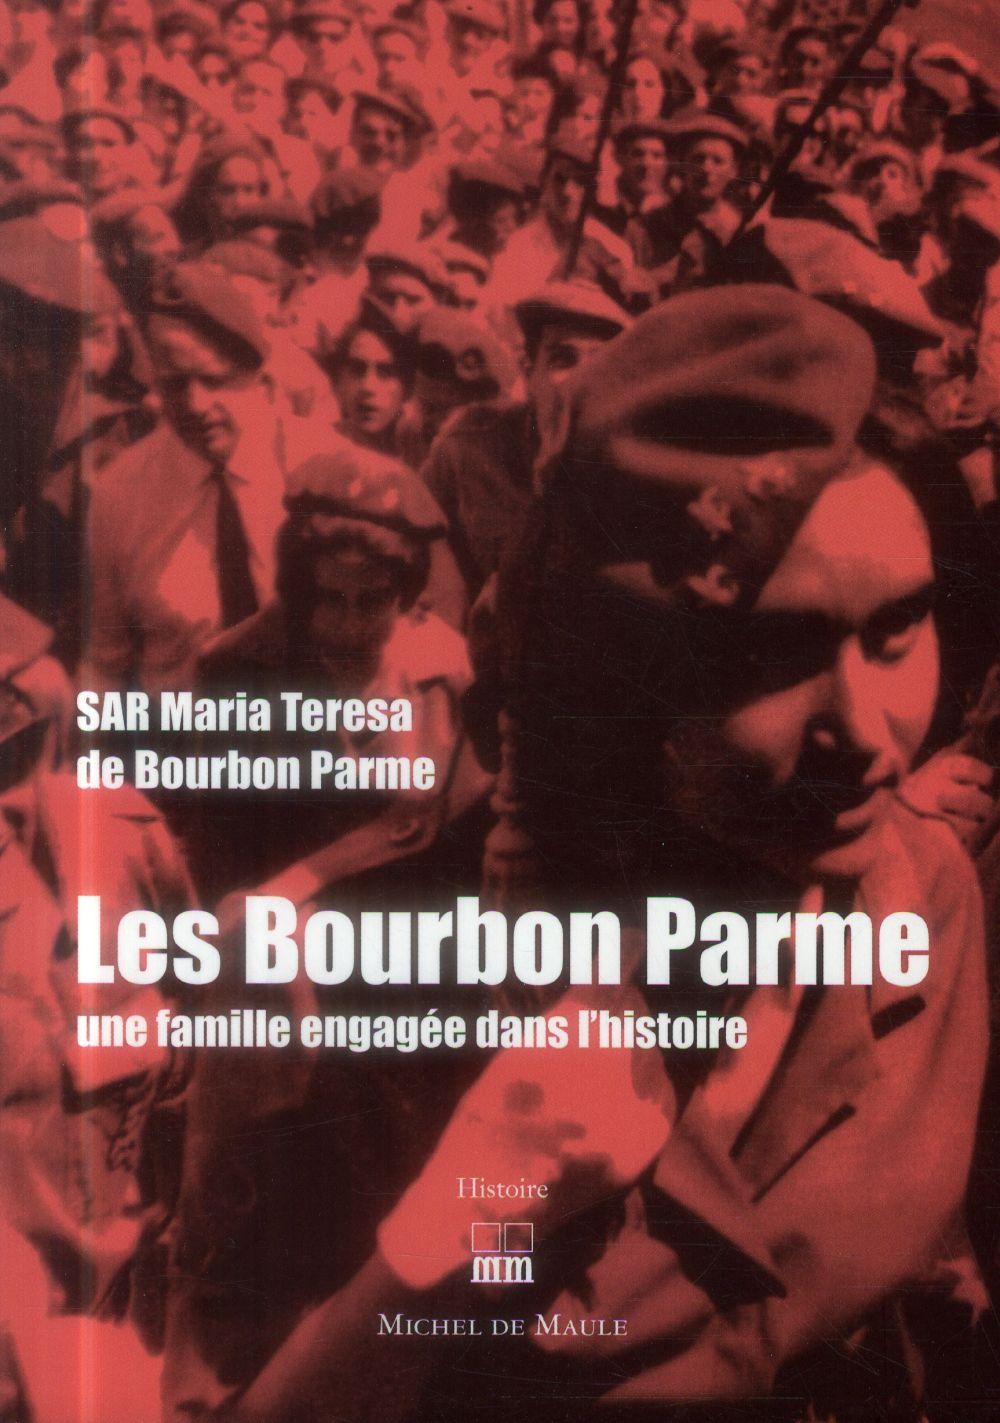 Les Bourbon Parme ; une famille engagée dans l'histoire